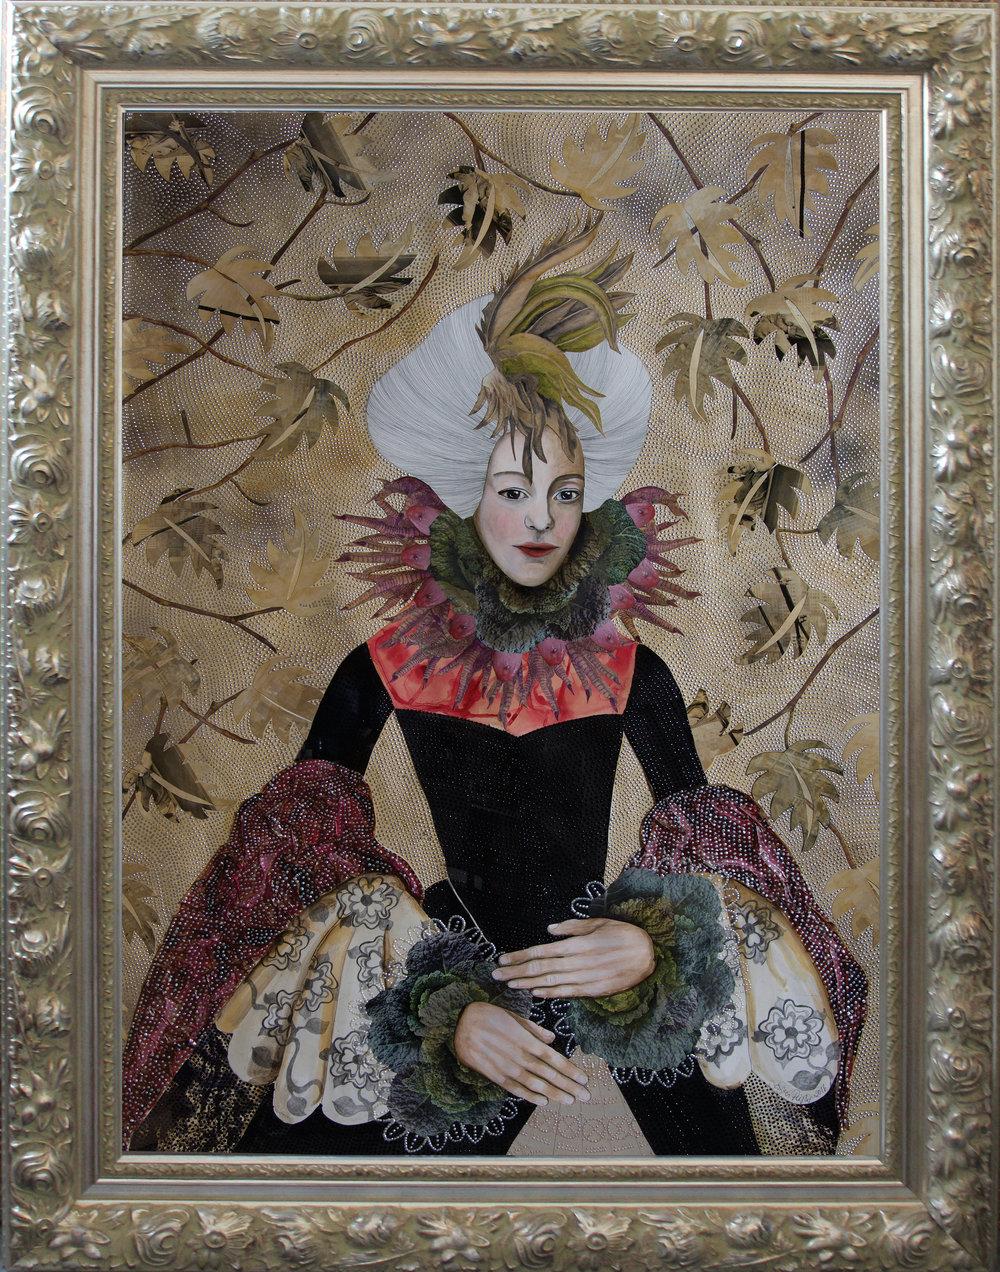 Lady Bantam